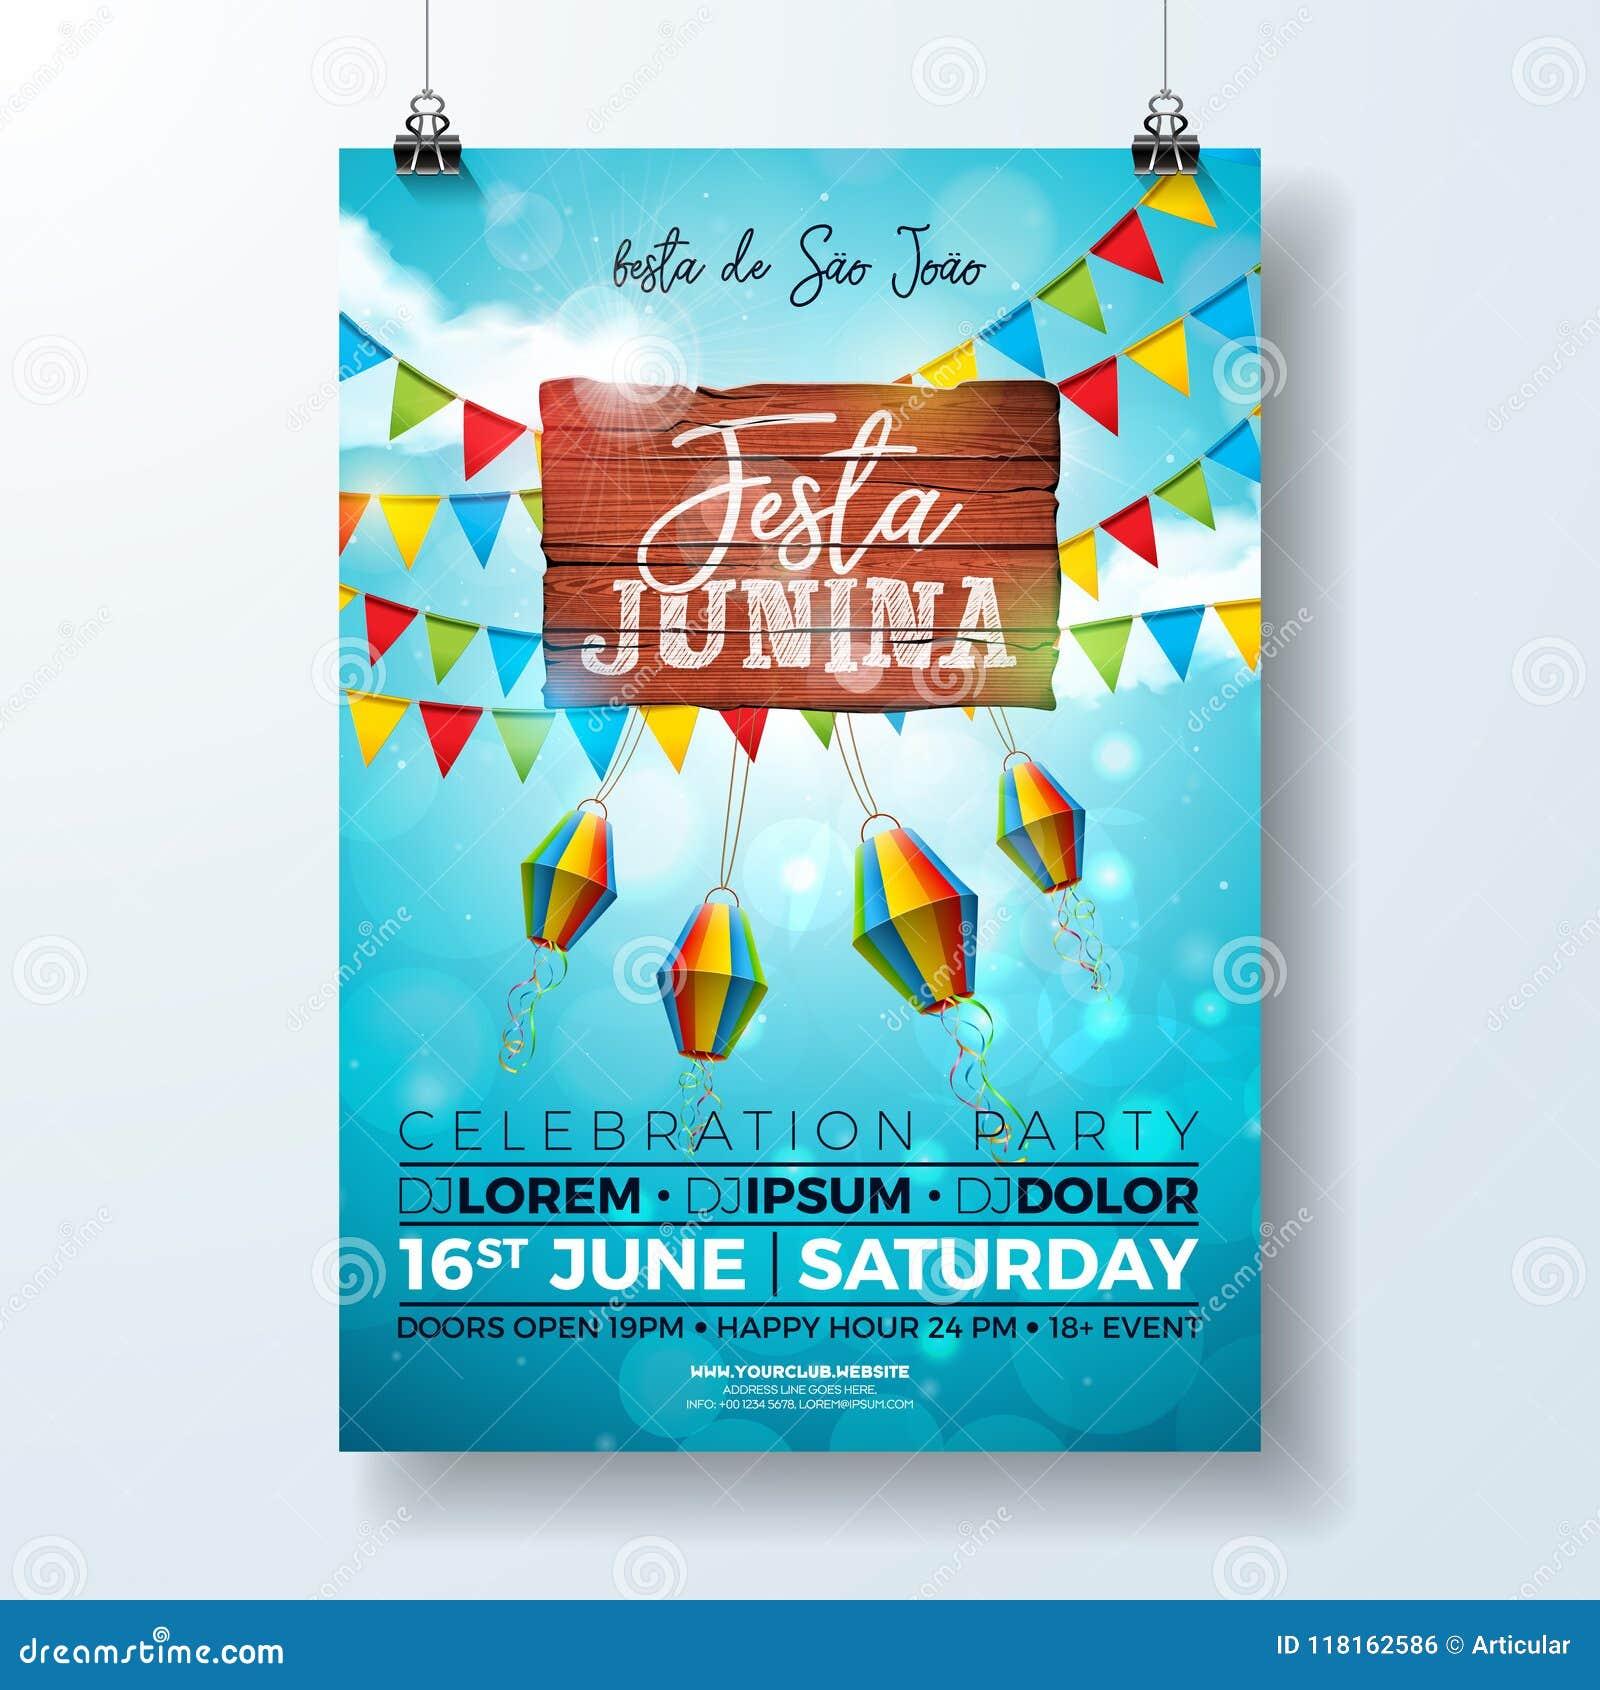 Partei-Flieger-Illustration Festa Junina mit Typografiedesign auf Weinleseholzbrett Flaggen und Papierlaterne auf blauem Himmel